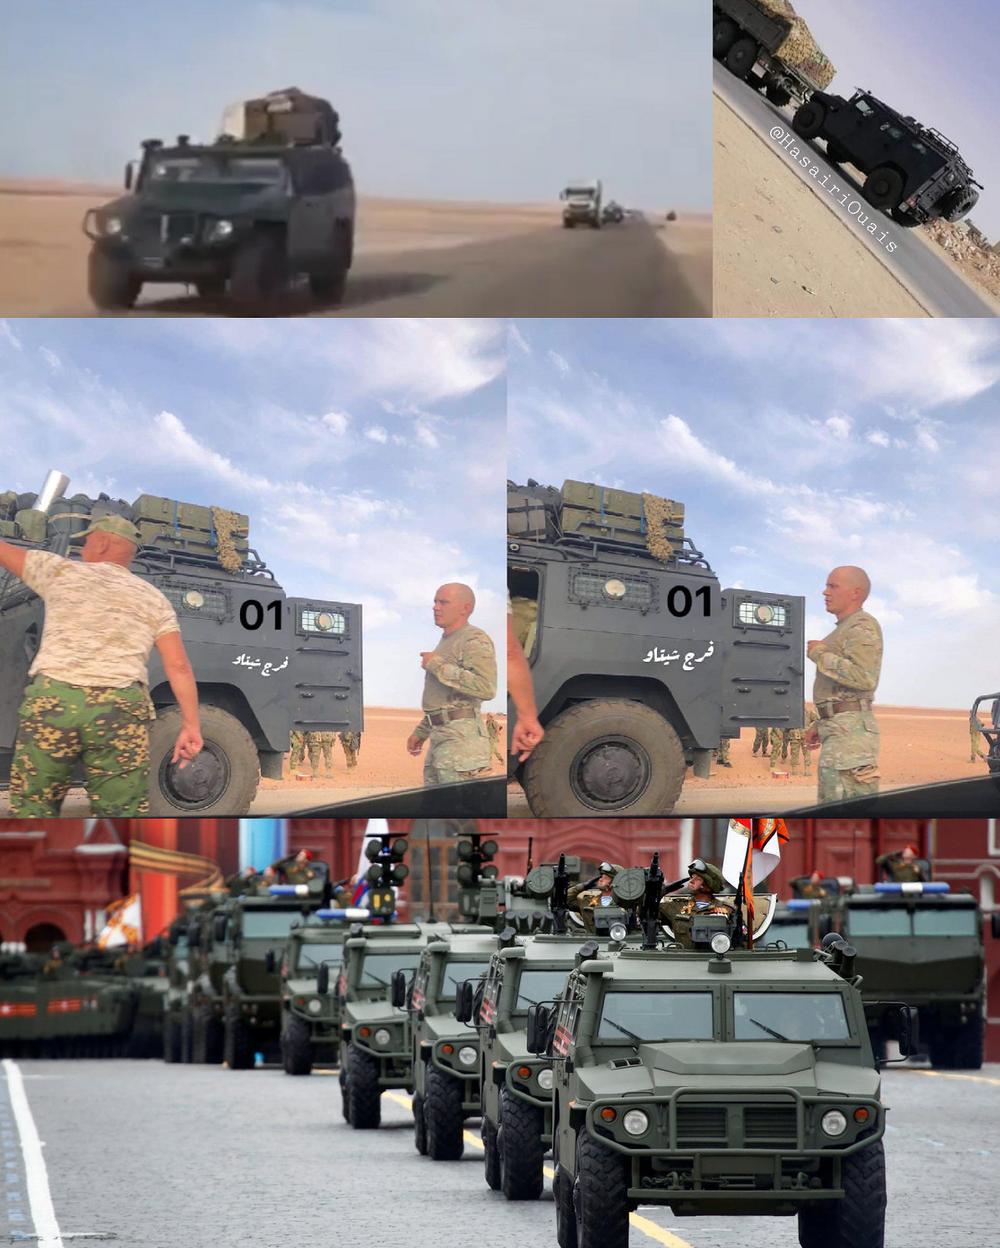 Quân đội Mỹ tố Nga cấp tập đưa hổ thép tới Libya: Vì sao Moscow quyết đổ dầu vào lửa? - Ảnh 4.